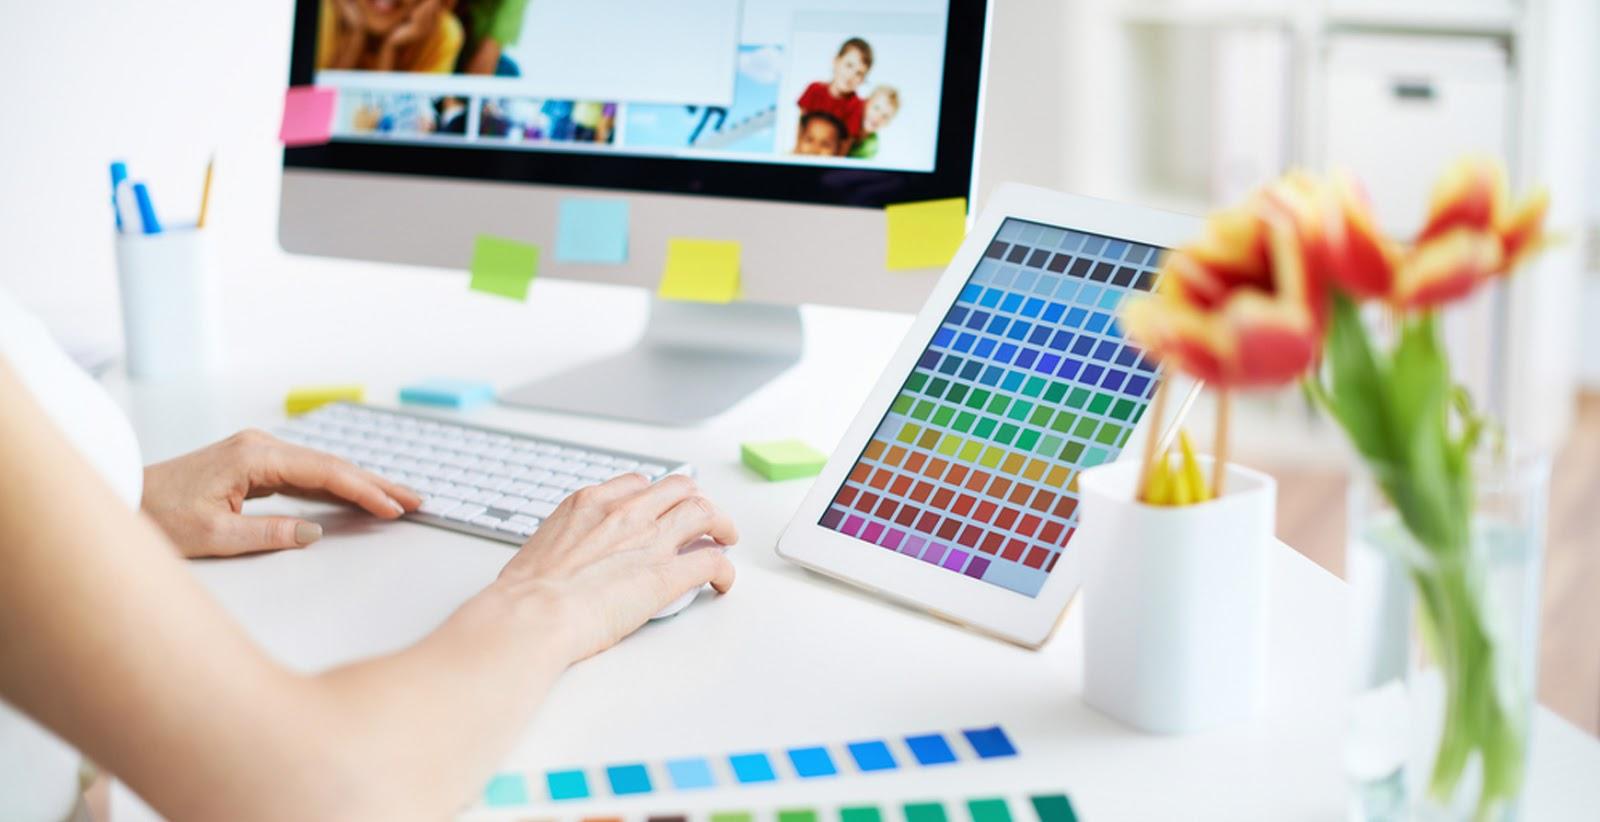 Termo Virtual Web Designer O Que Faz Onde Estudar E Qual O Salario